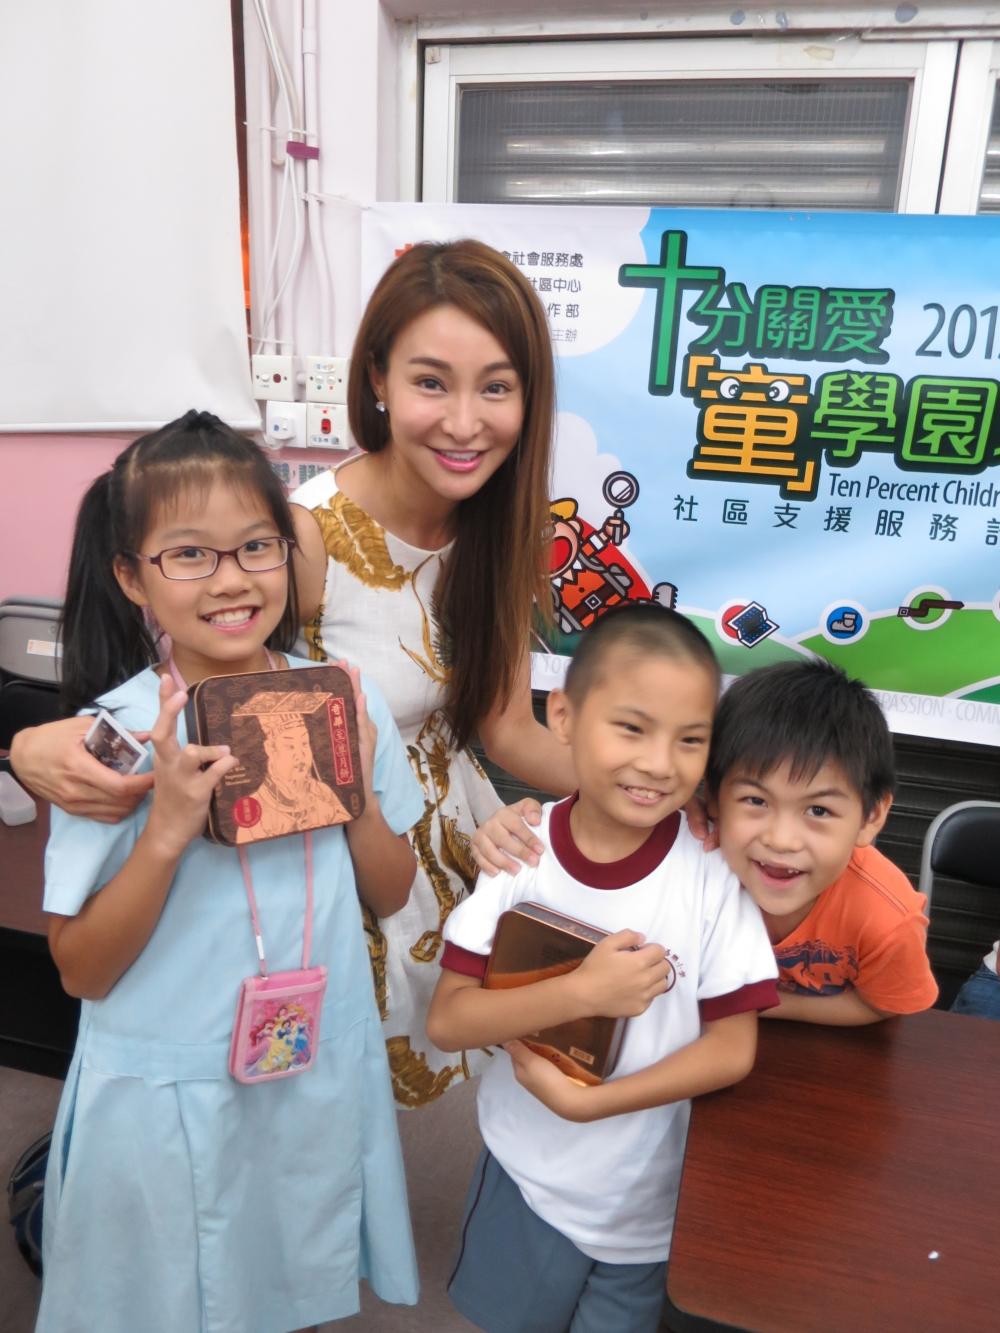 籌募委員Deon Chan與學童相處融洽。